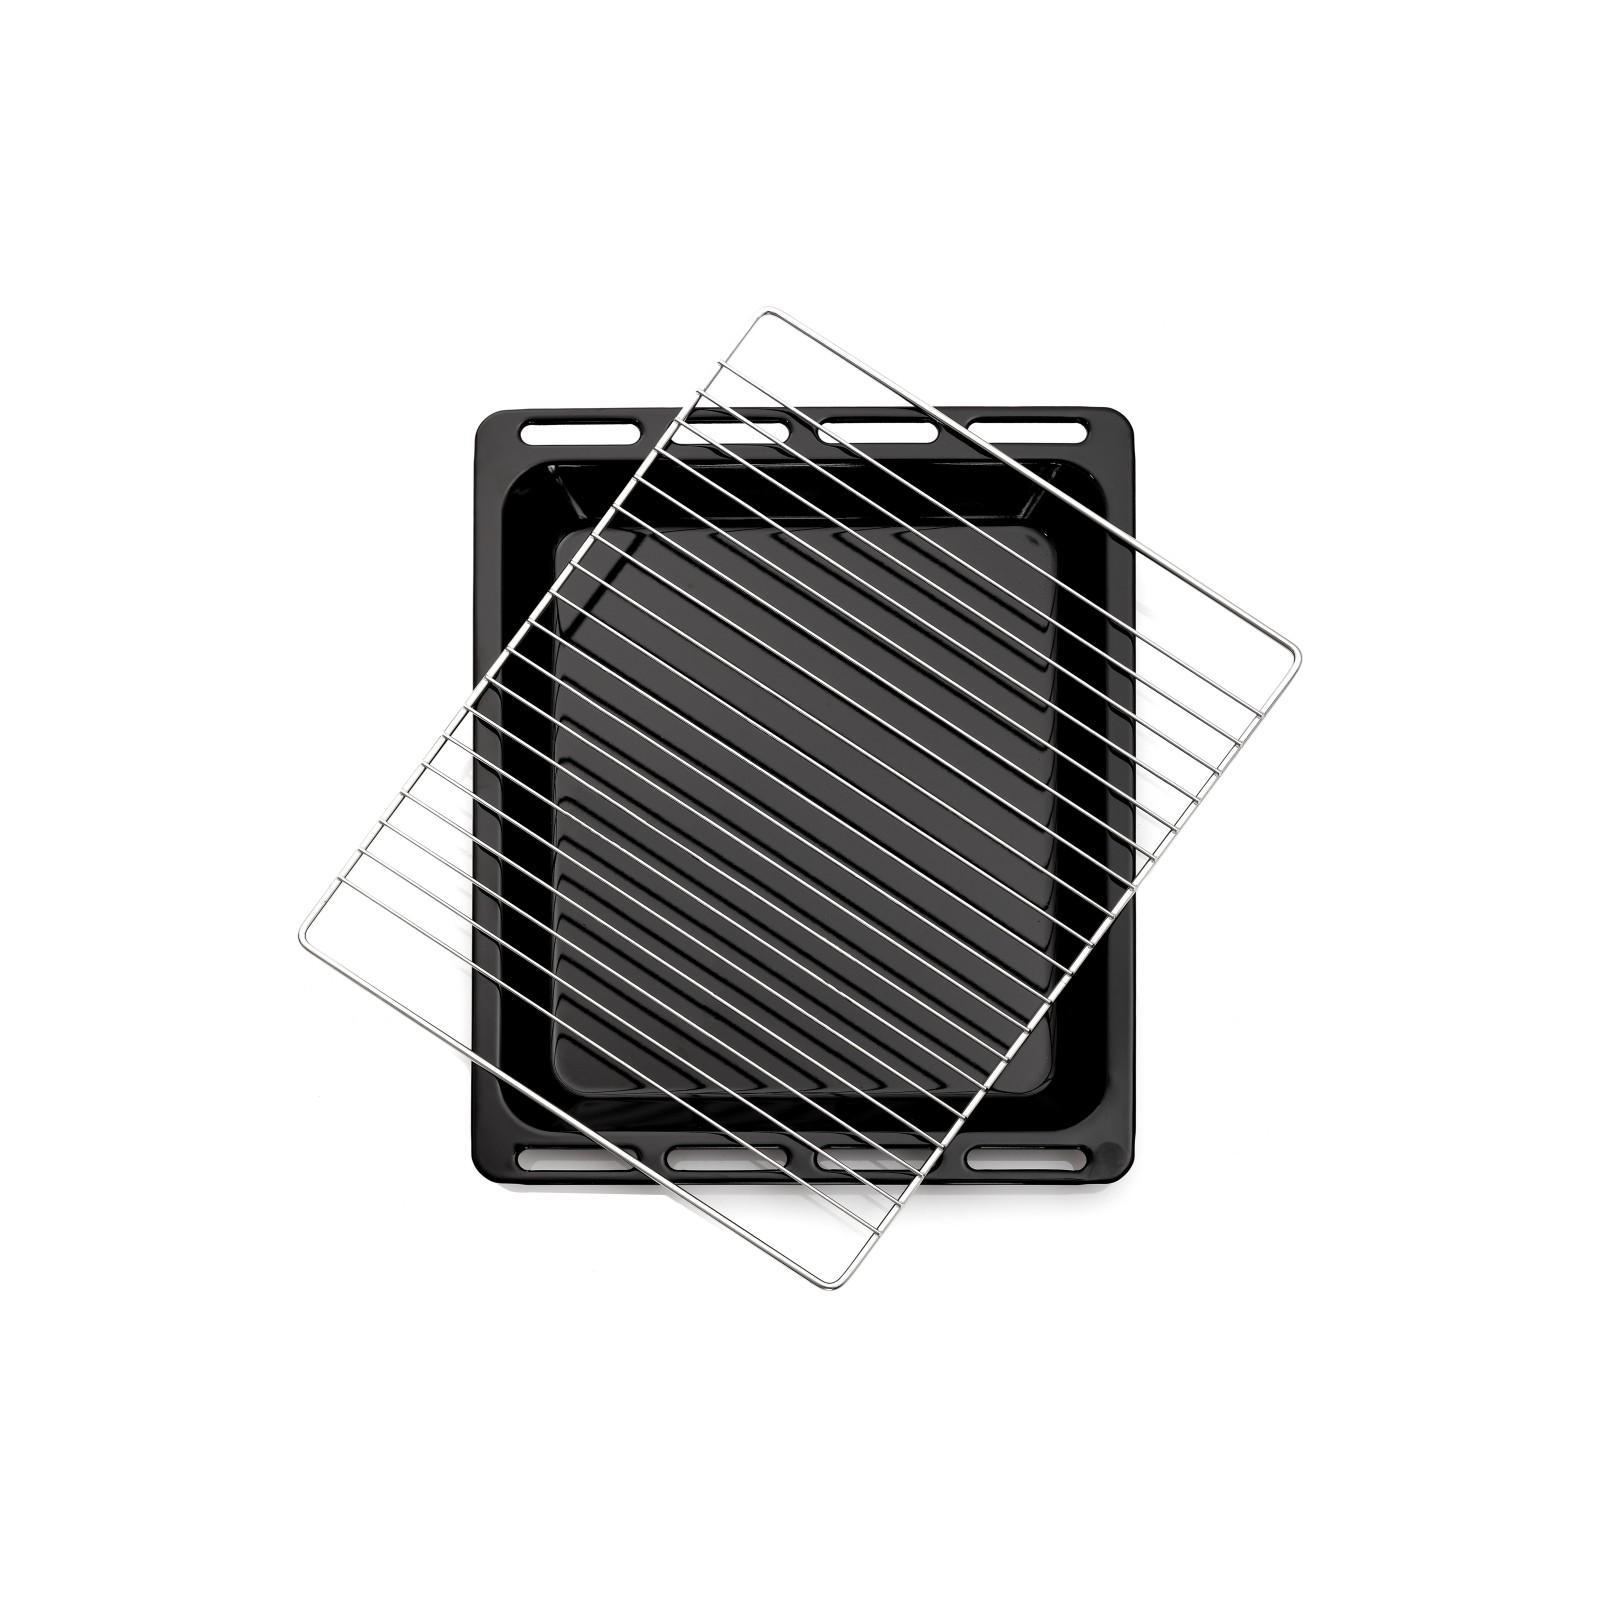 Духовой шкаф ELEYUS ESTER 6006 IS+BL изображение 12